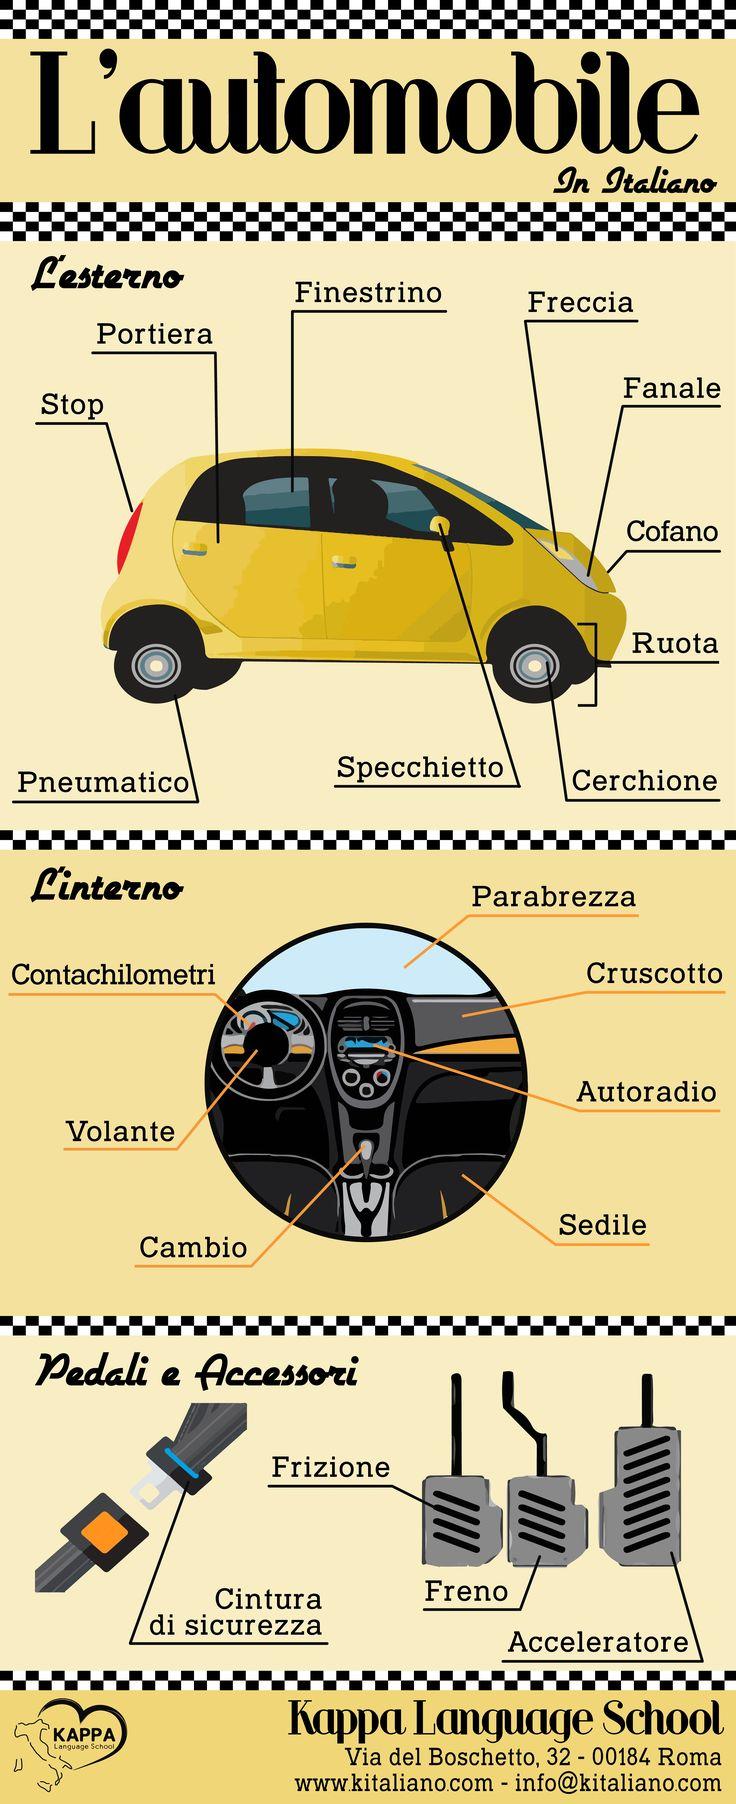 le parole dell'automobile in italiano italian words